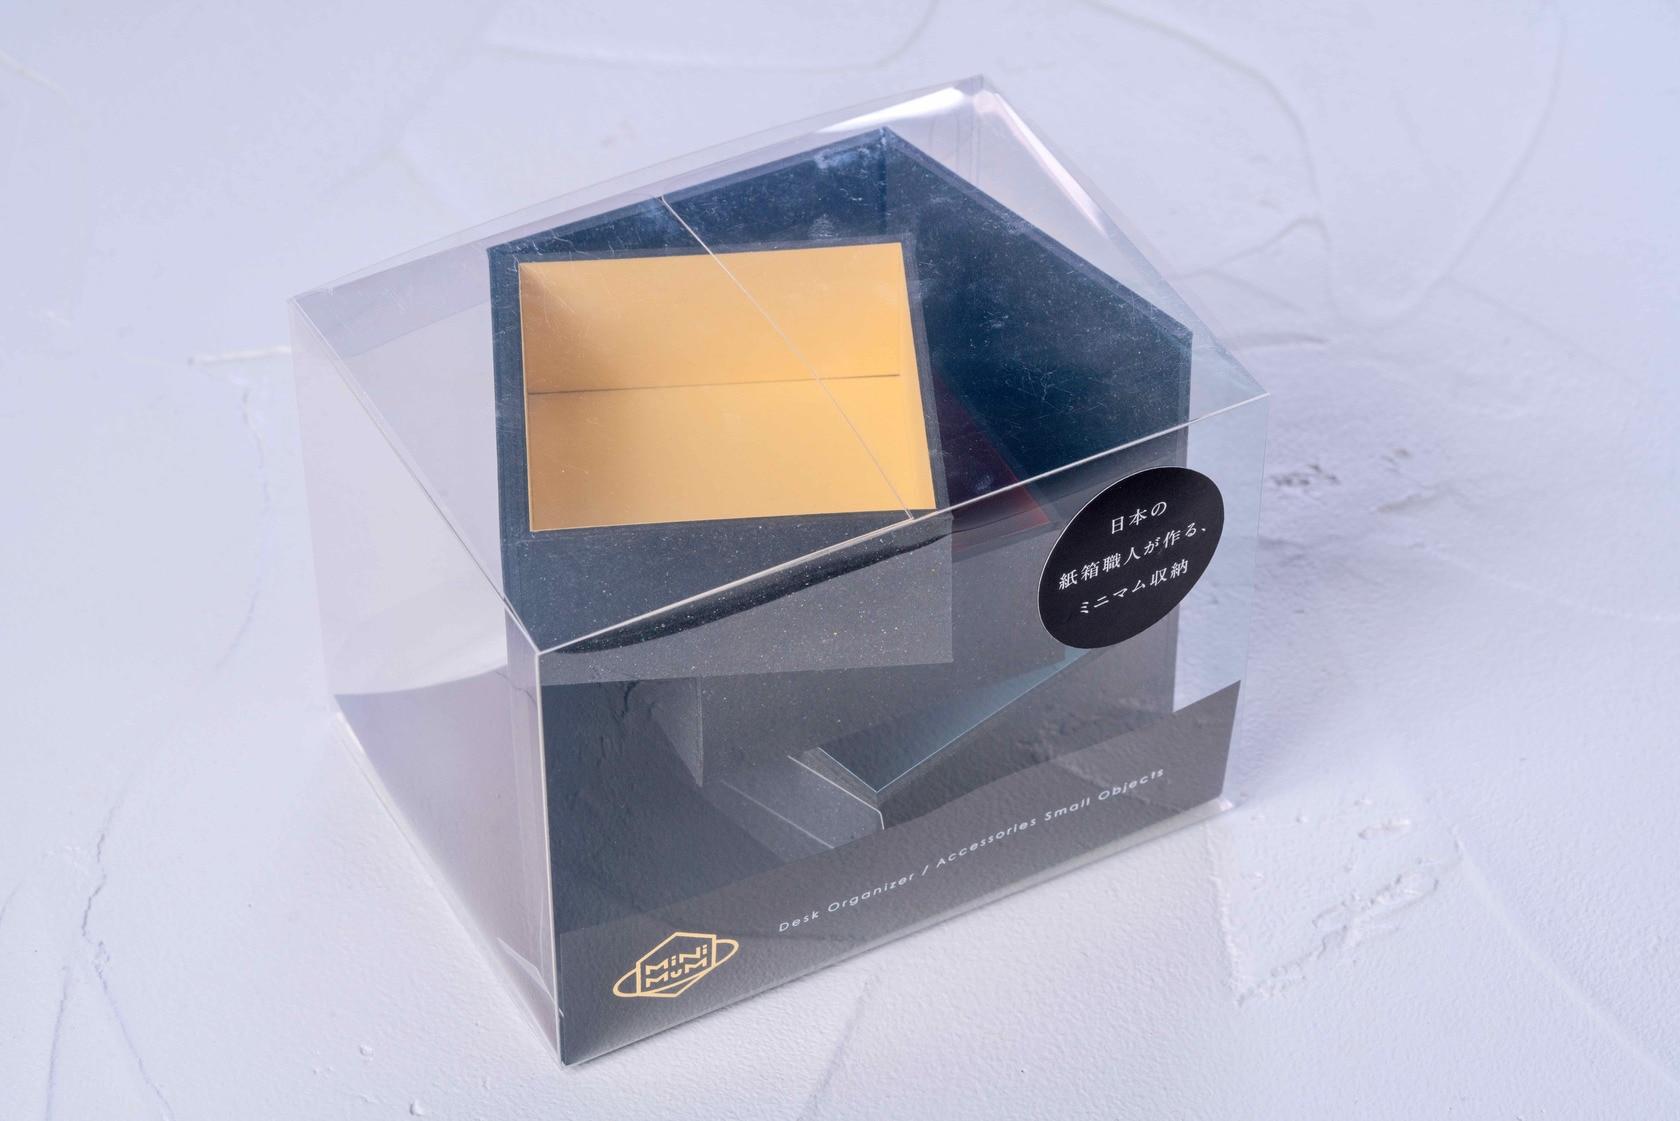 モリタのMiNiMuM Space BOX-2(ブラック)のパッケージ